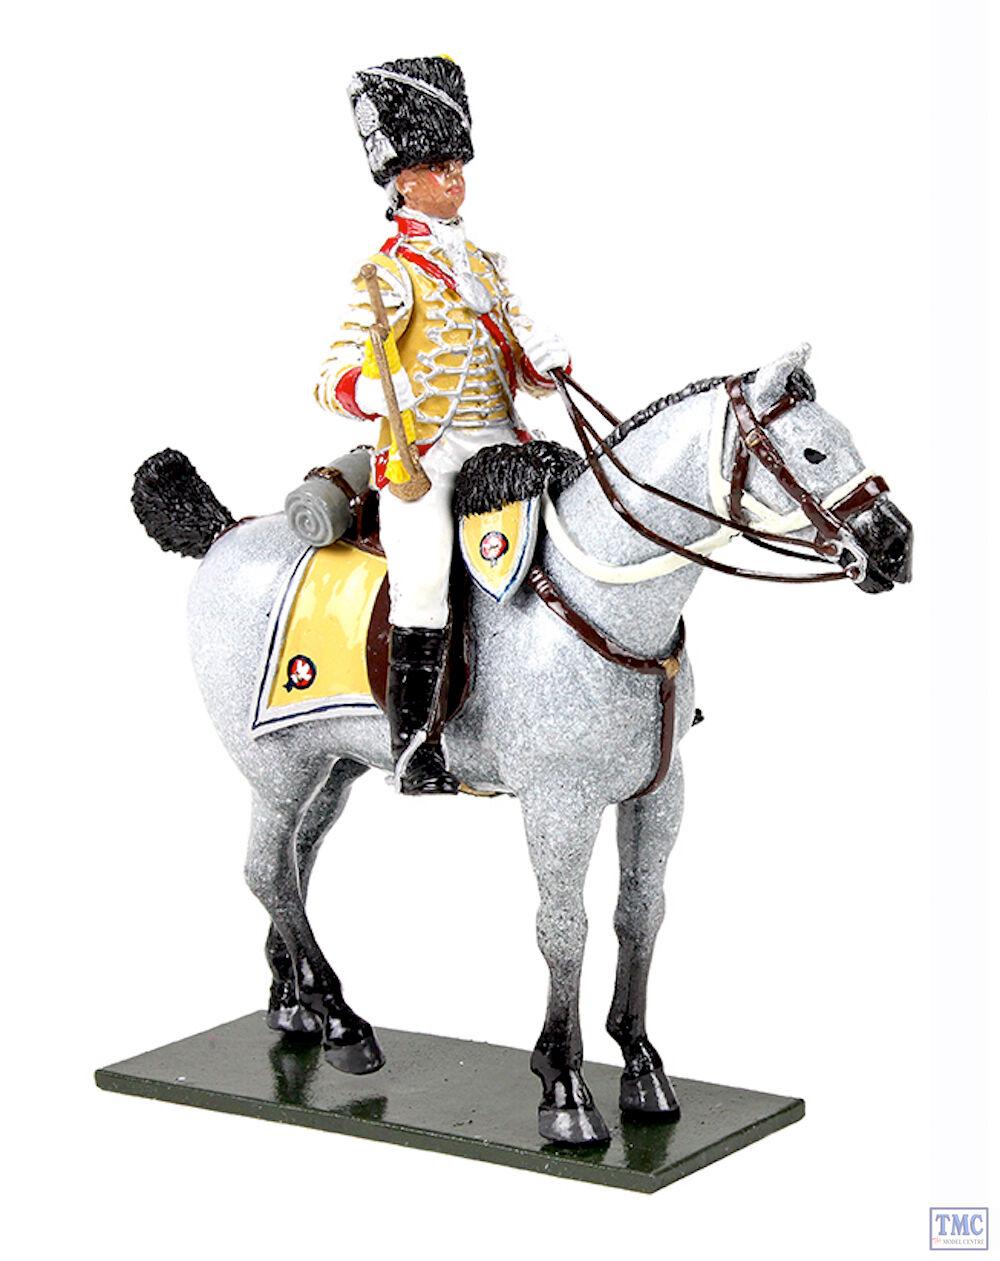 B47059 W.Britain British 10th Light Dragoons Trumpeter 1795 Regiments Classic